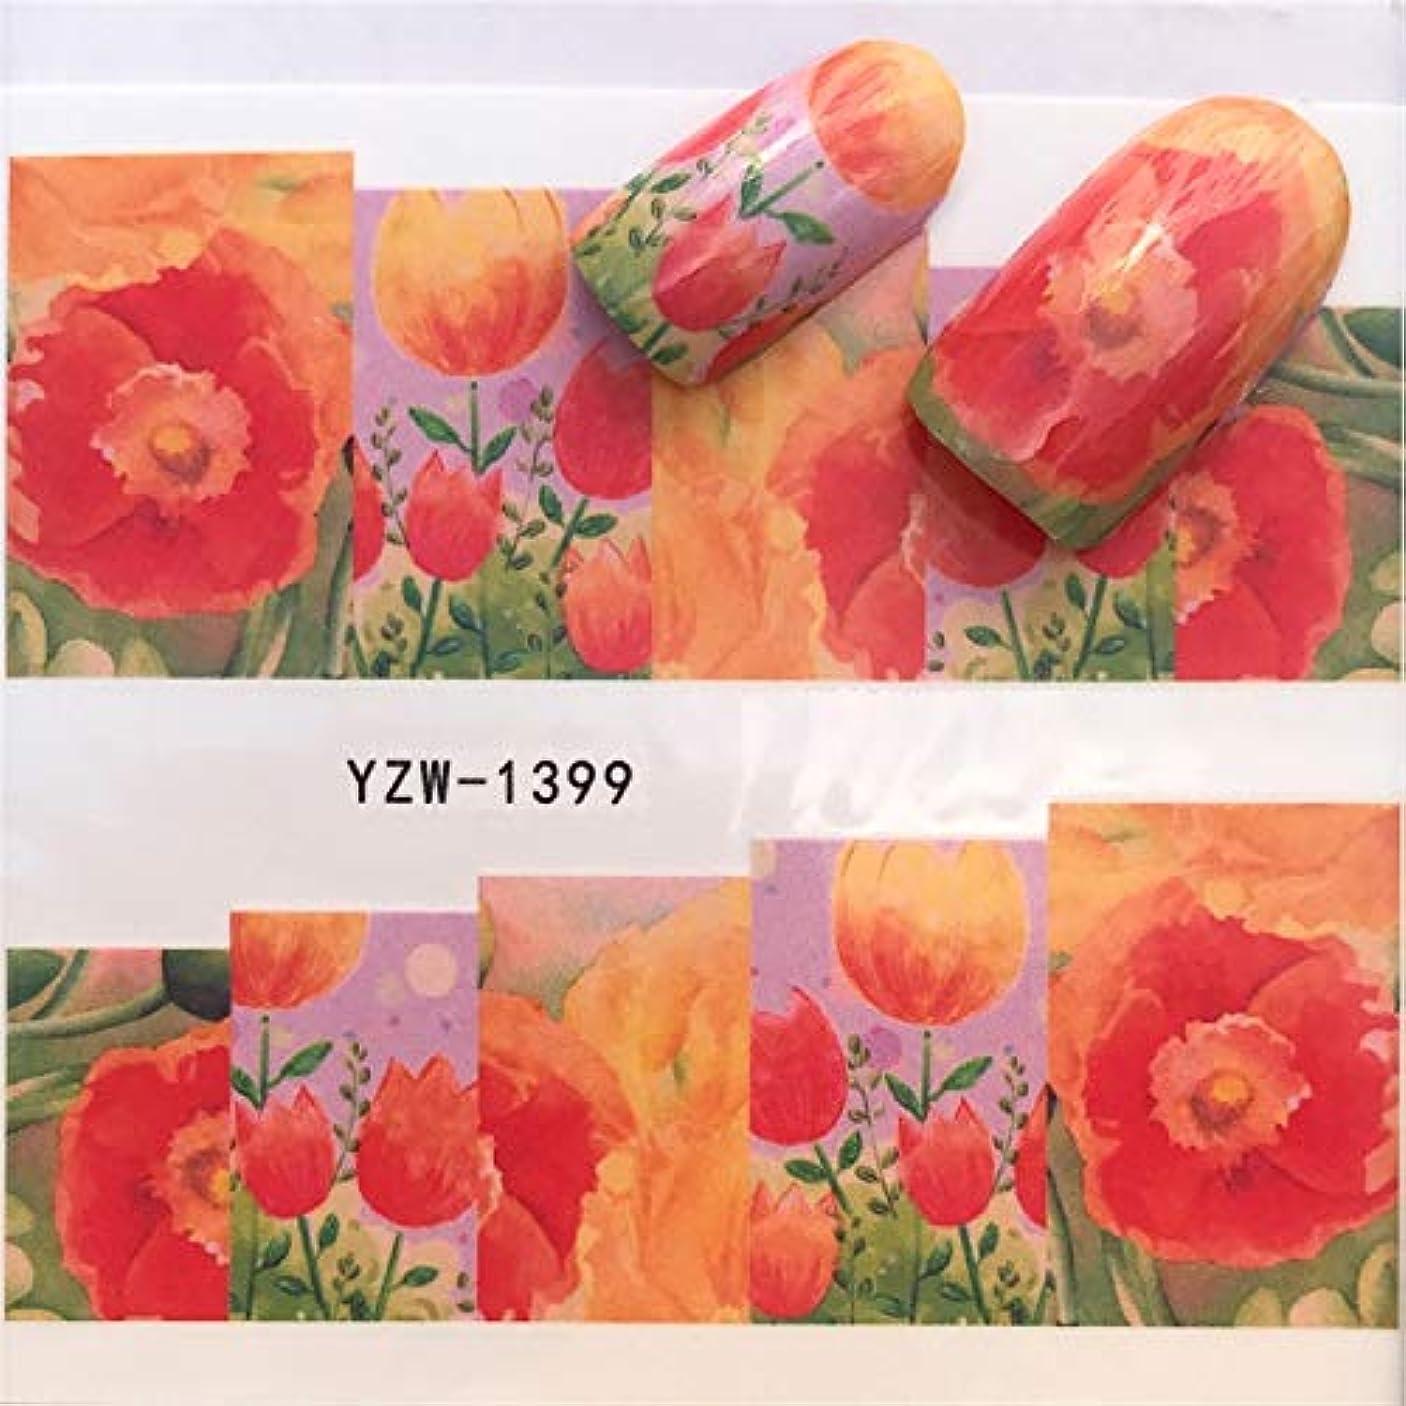 なめる堤防ペイントYan 3ピースネイルステッカーセットデカール水転写スライダーネイルアートデコレーション、色:YZW1399